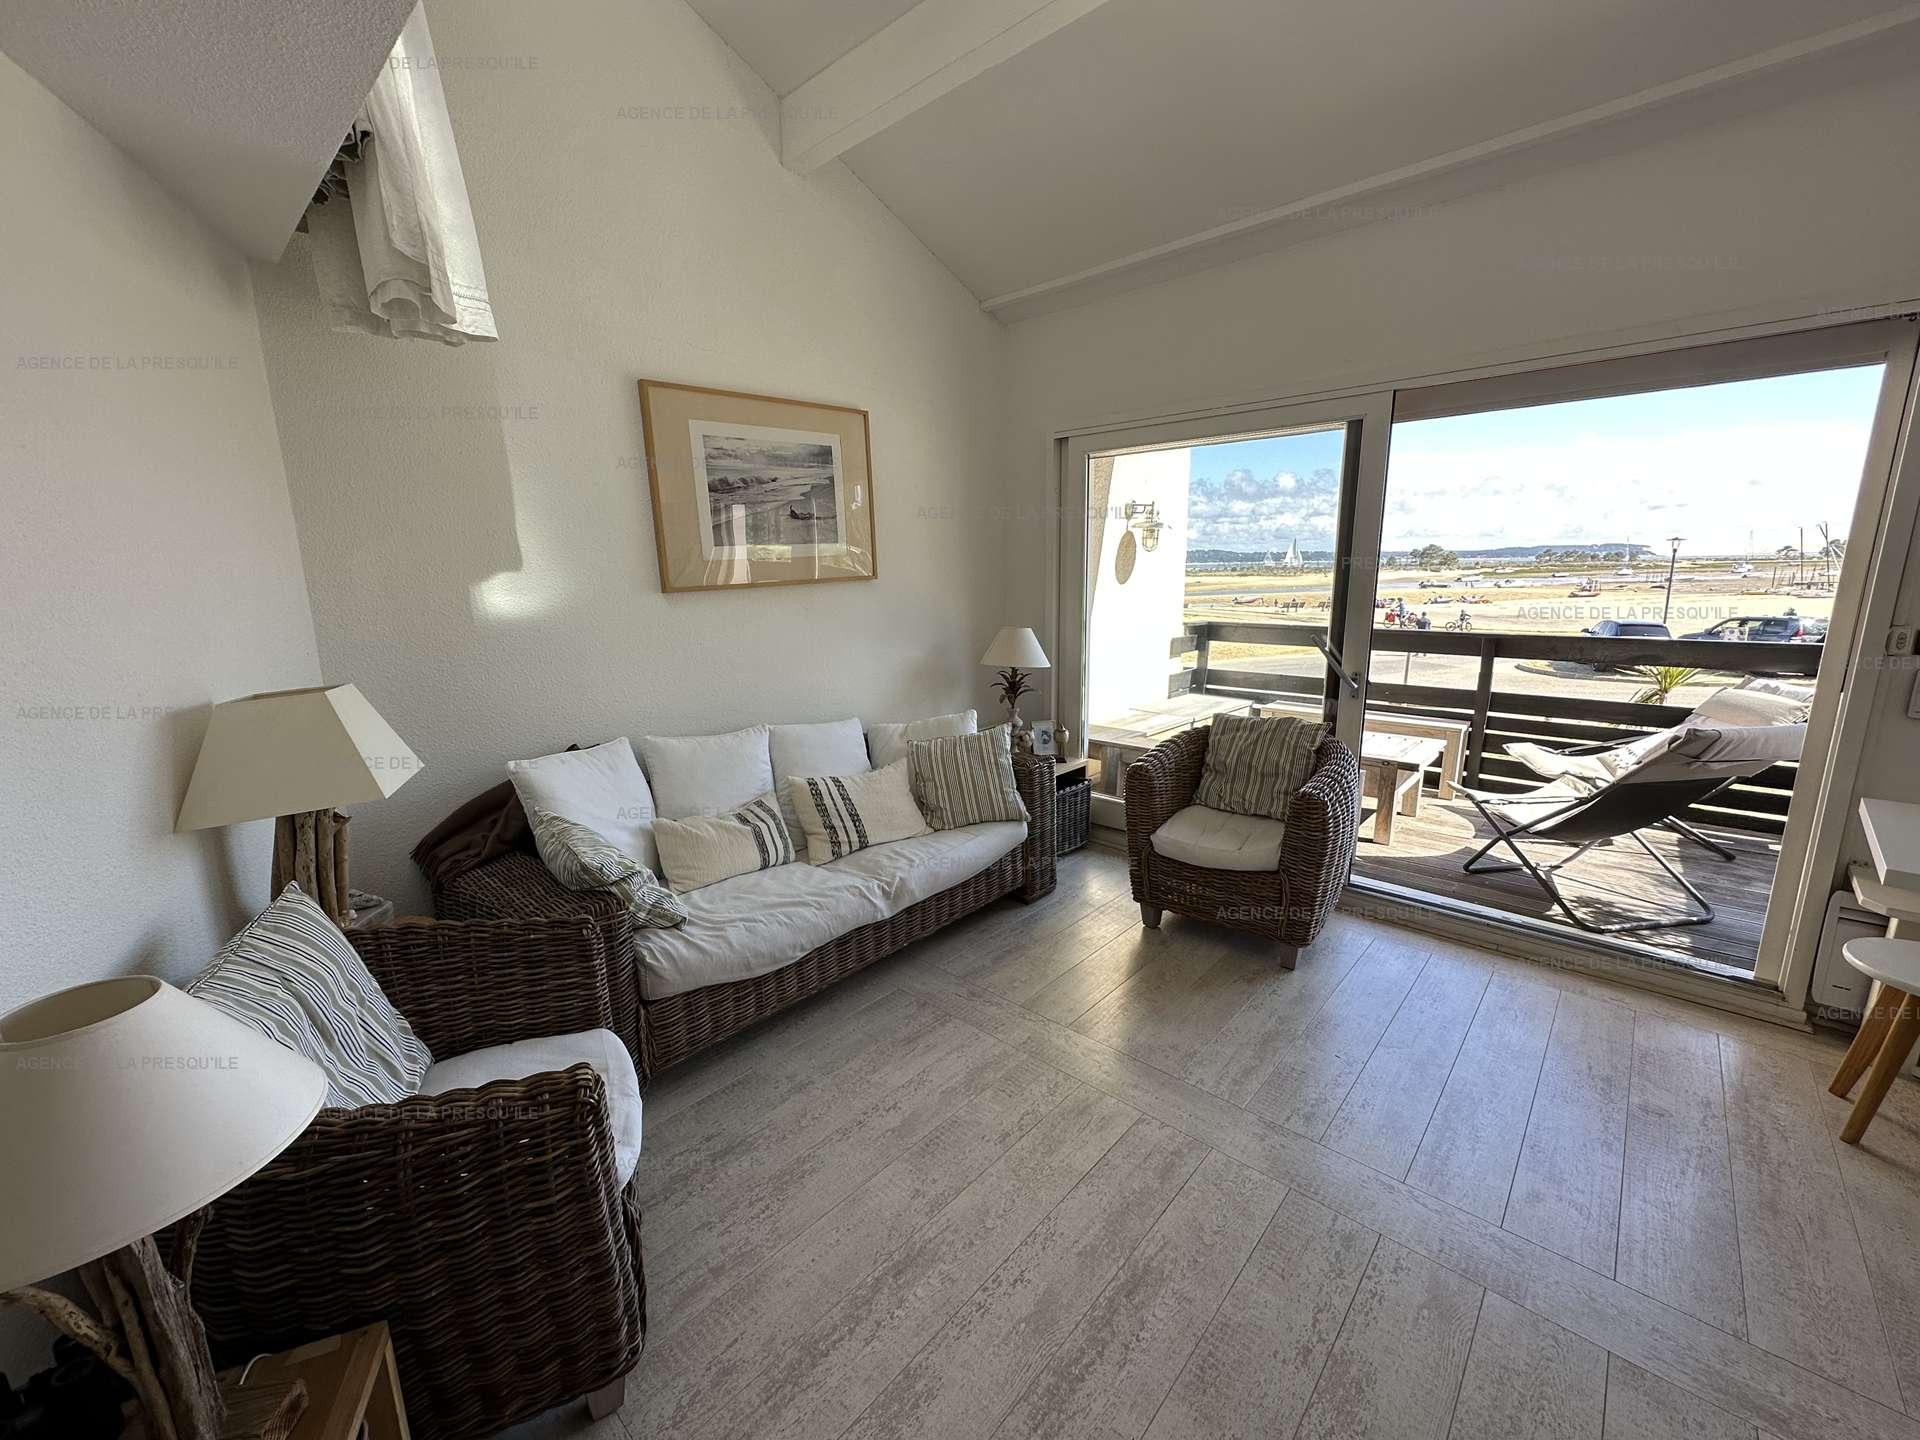 Location: Très bel appartement avec vue bassin 3